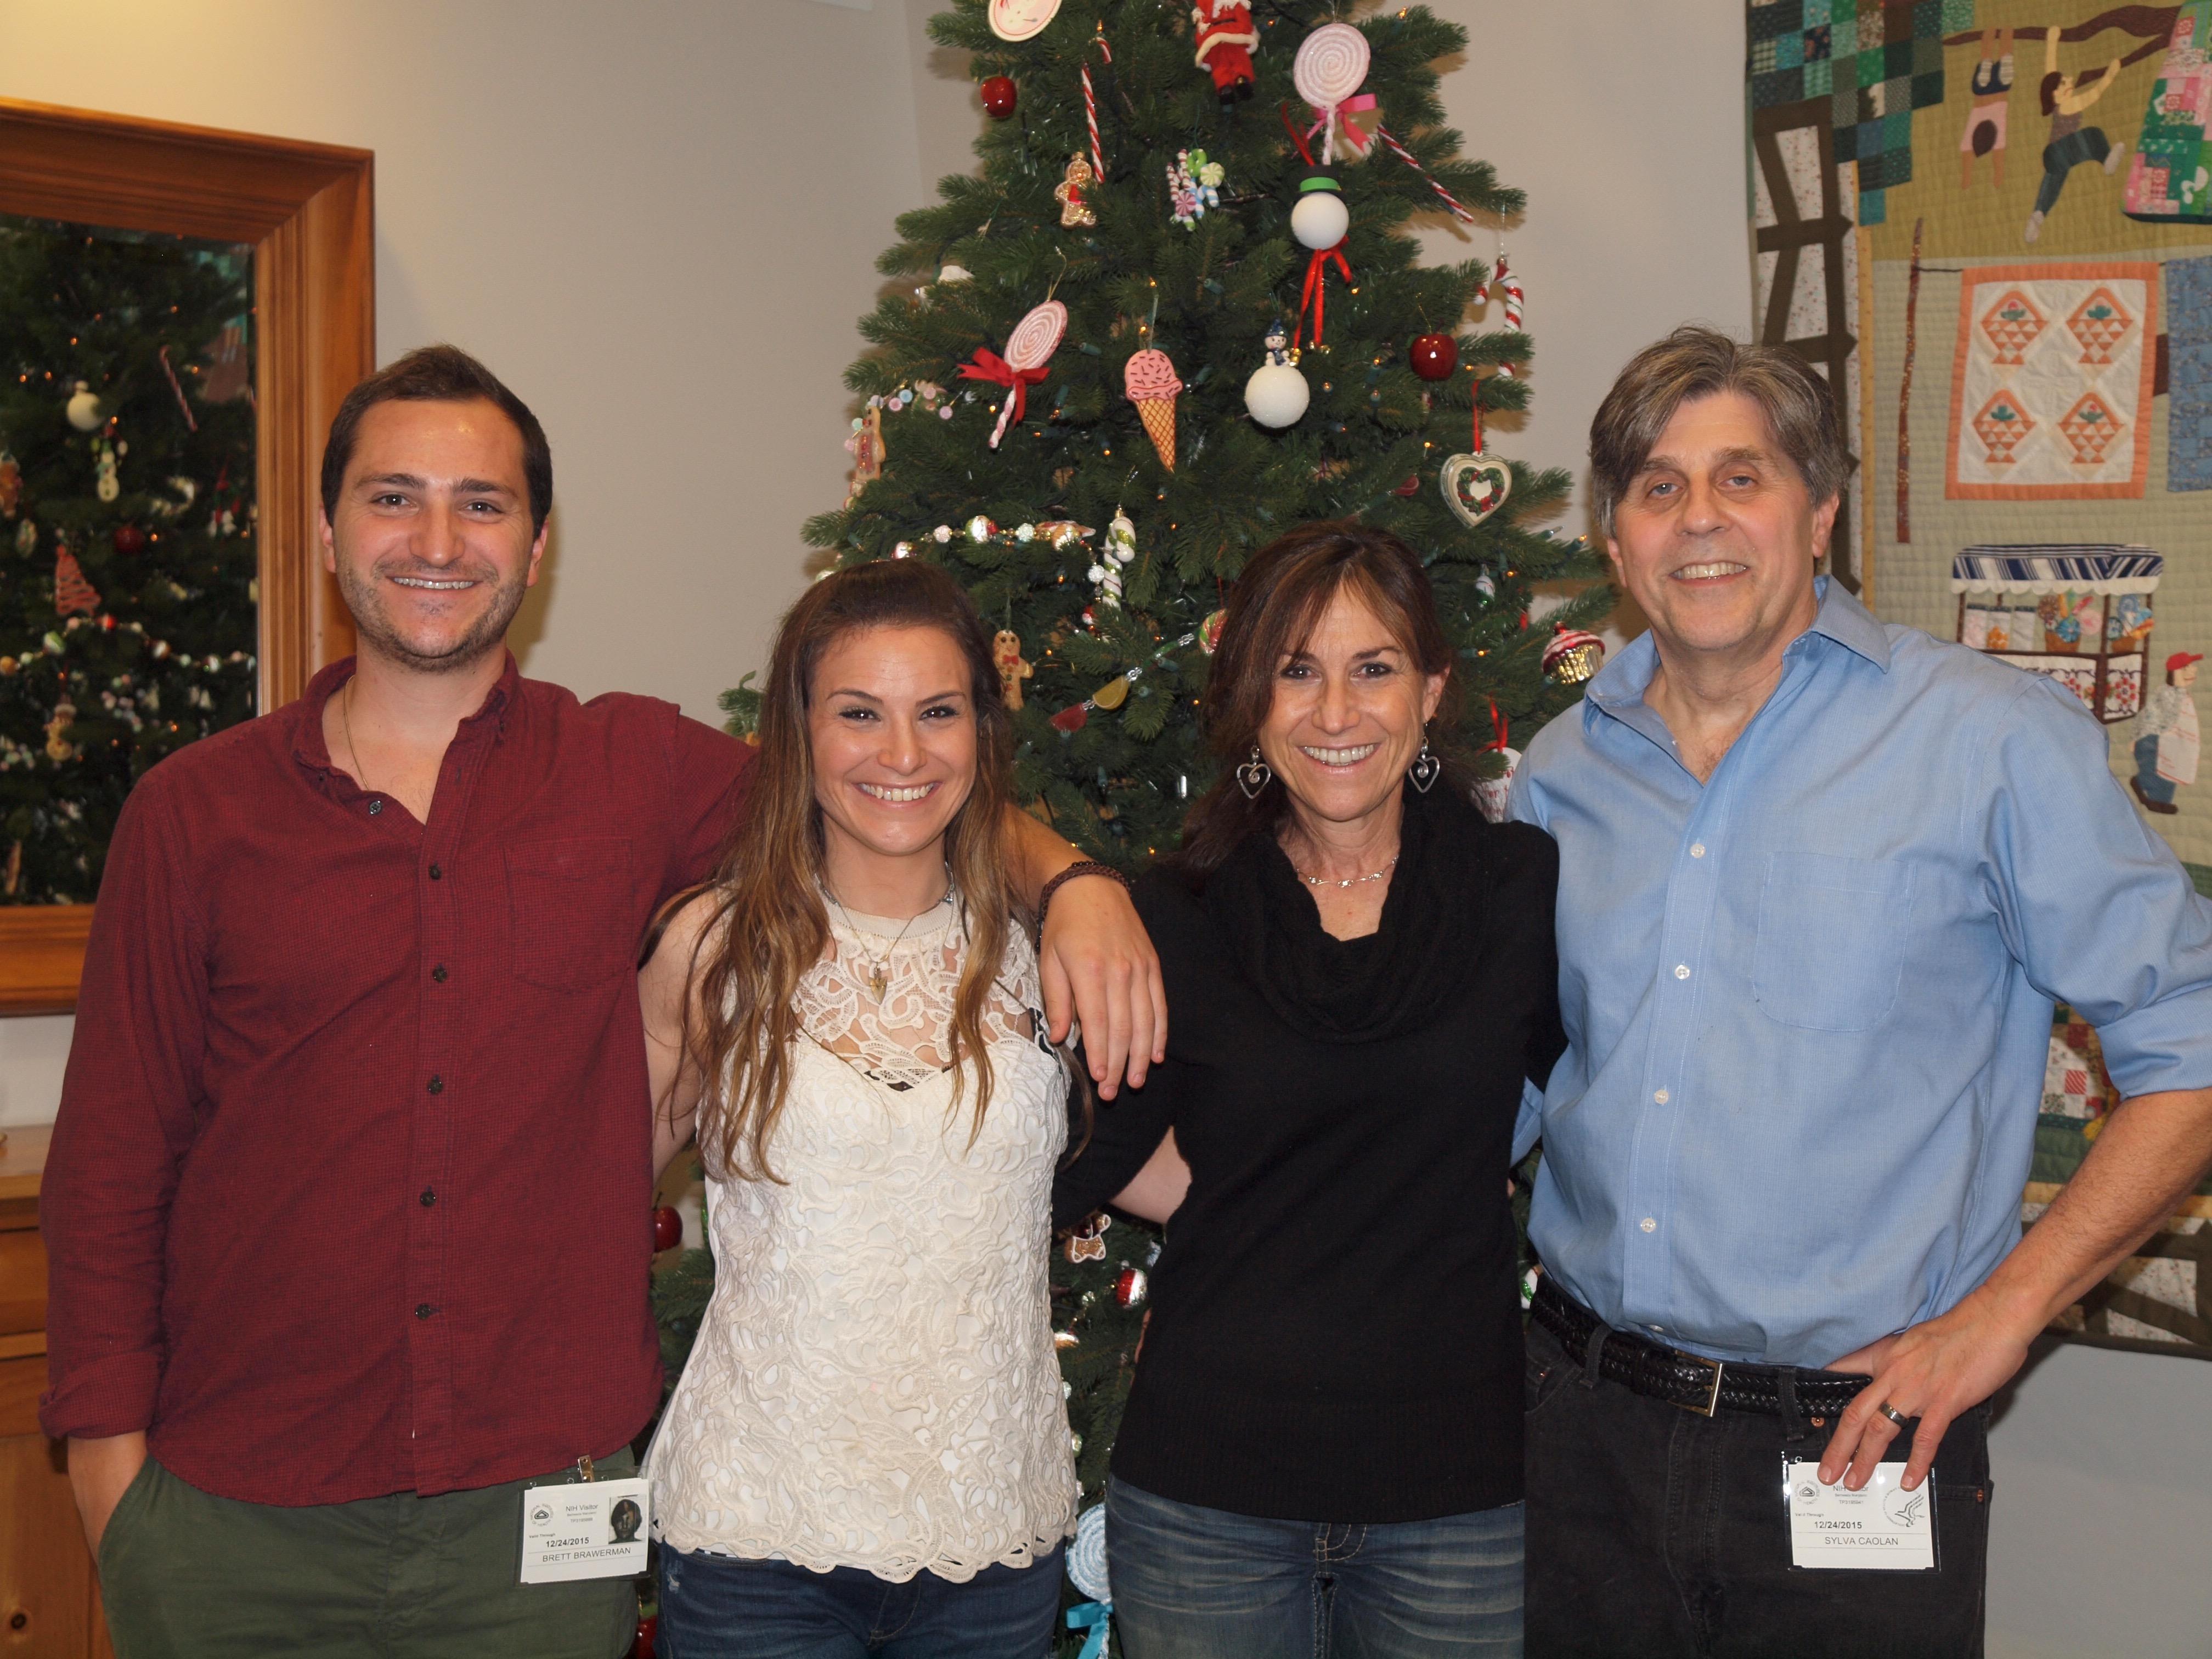 Weiner Family at The Children's Inn